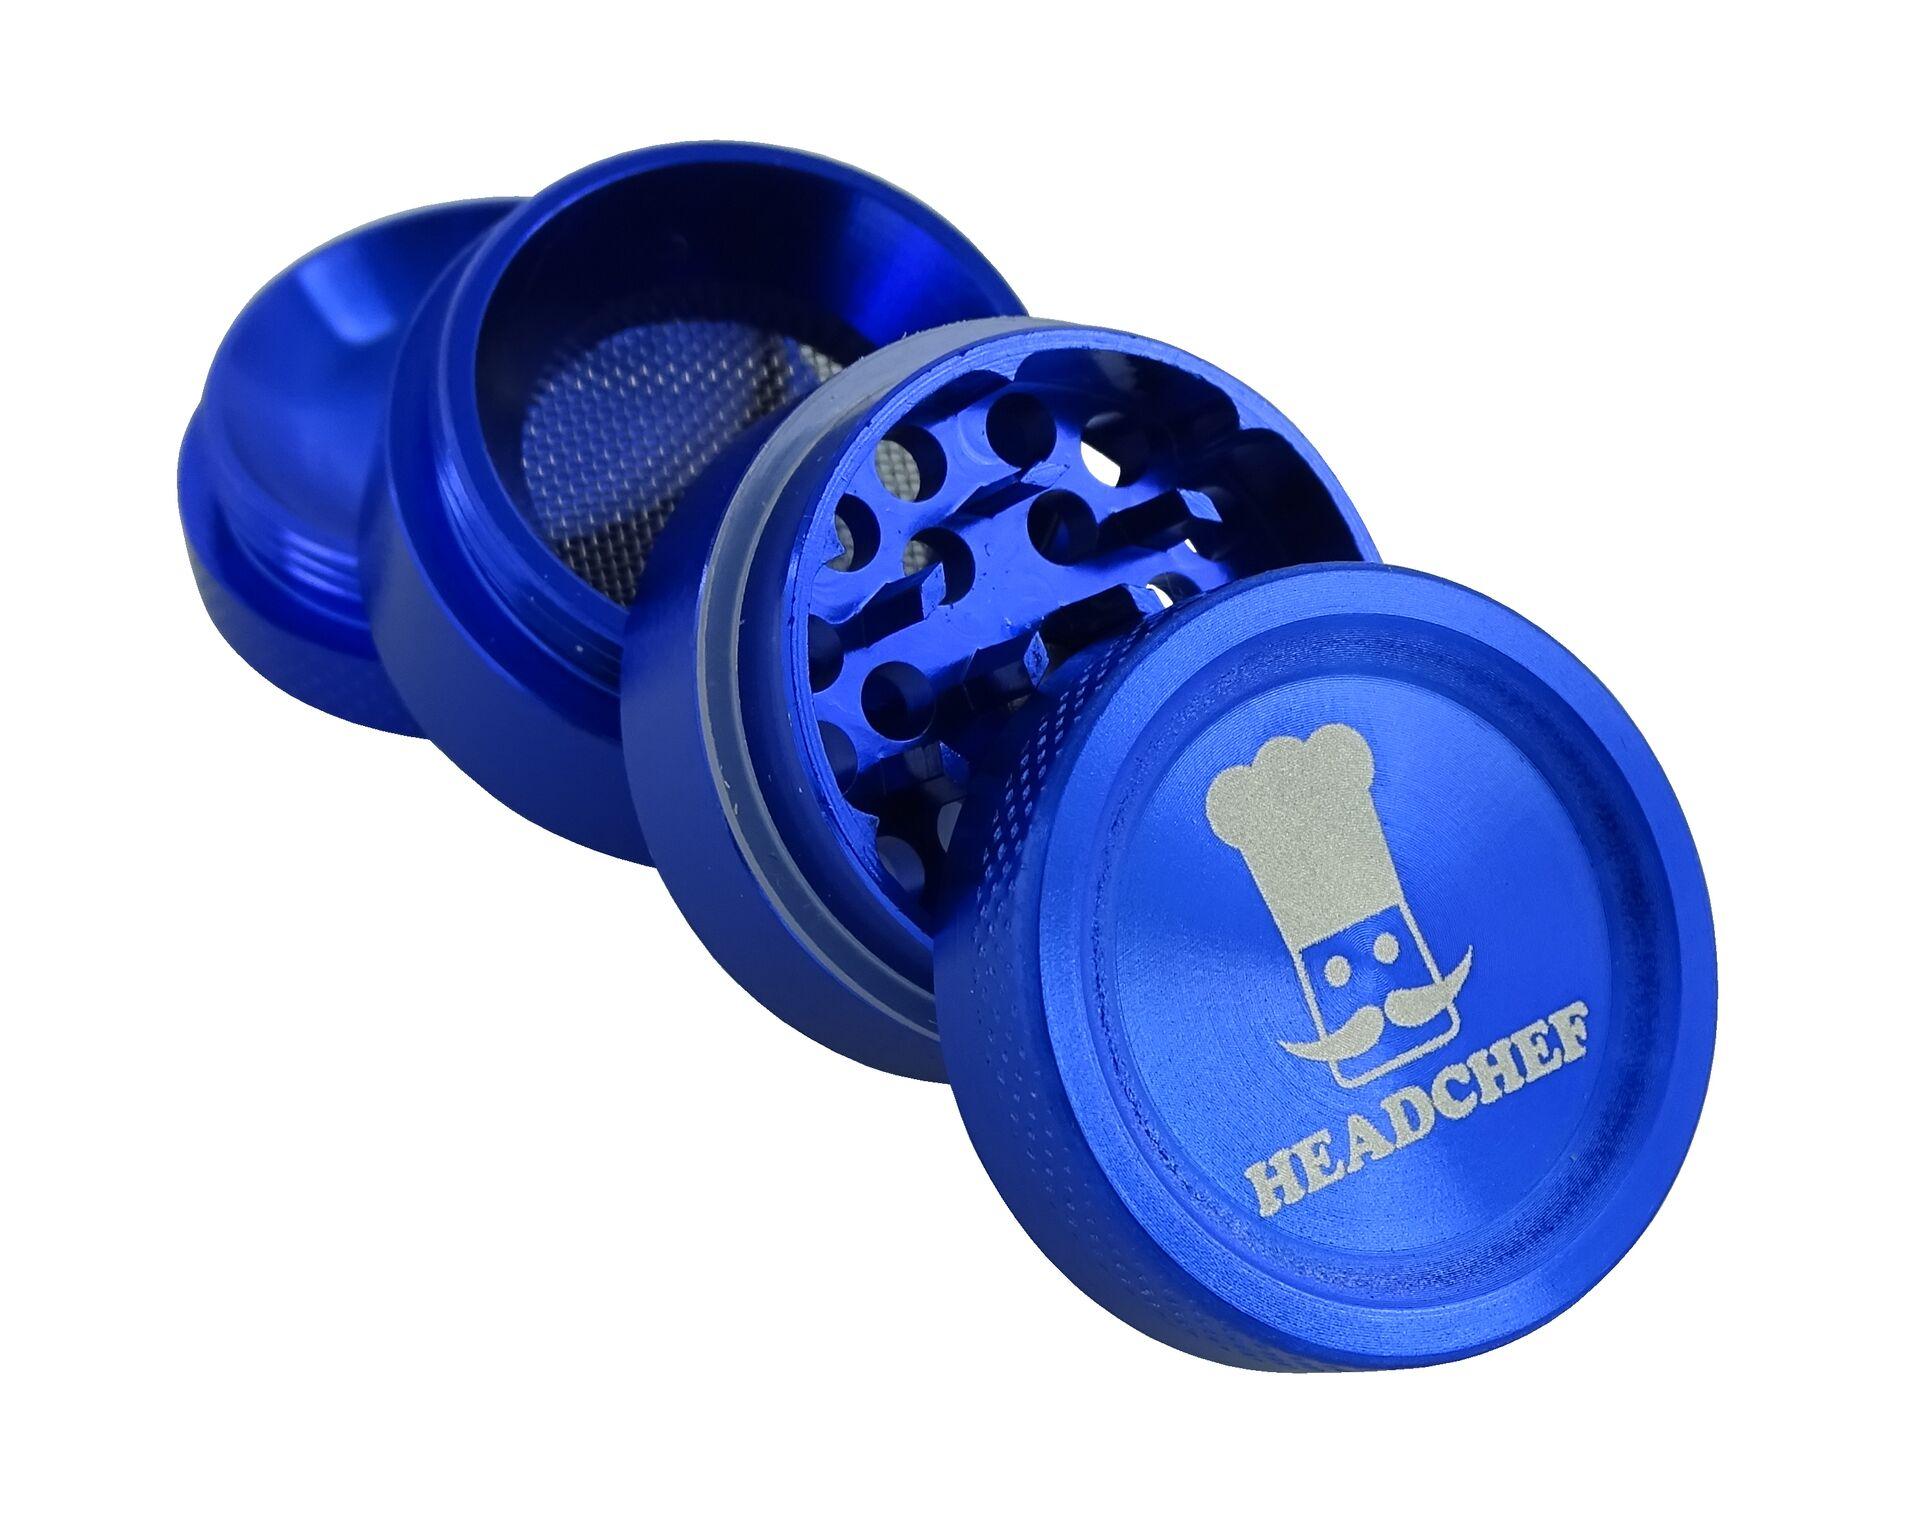 Headchef Grinder 30mm 4 Part - Blue